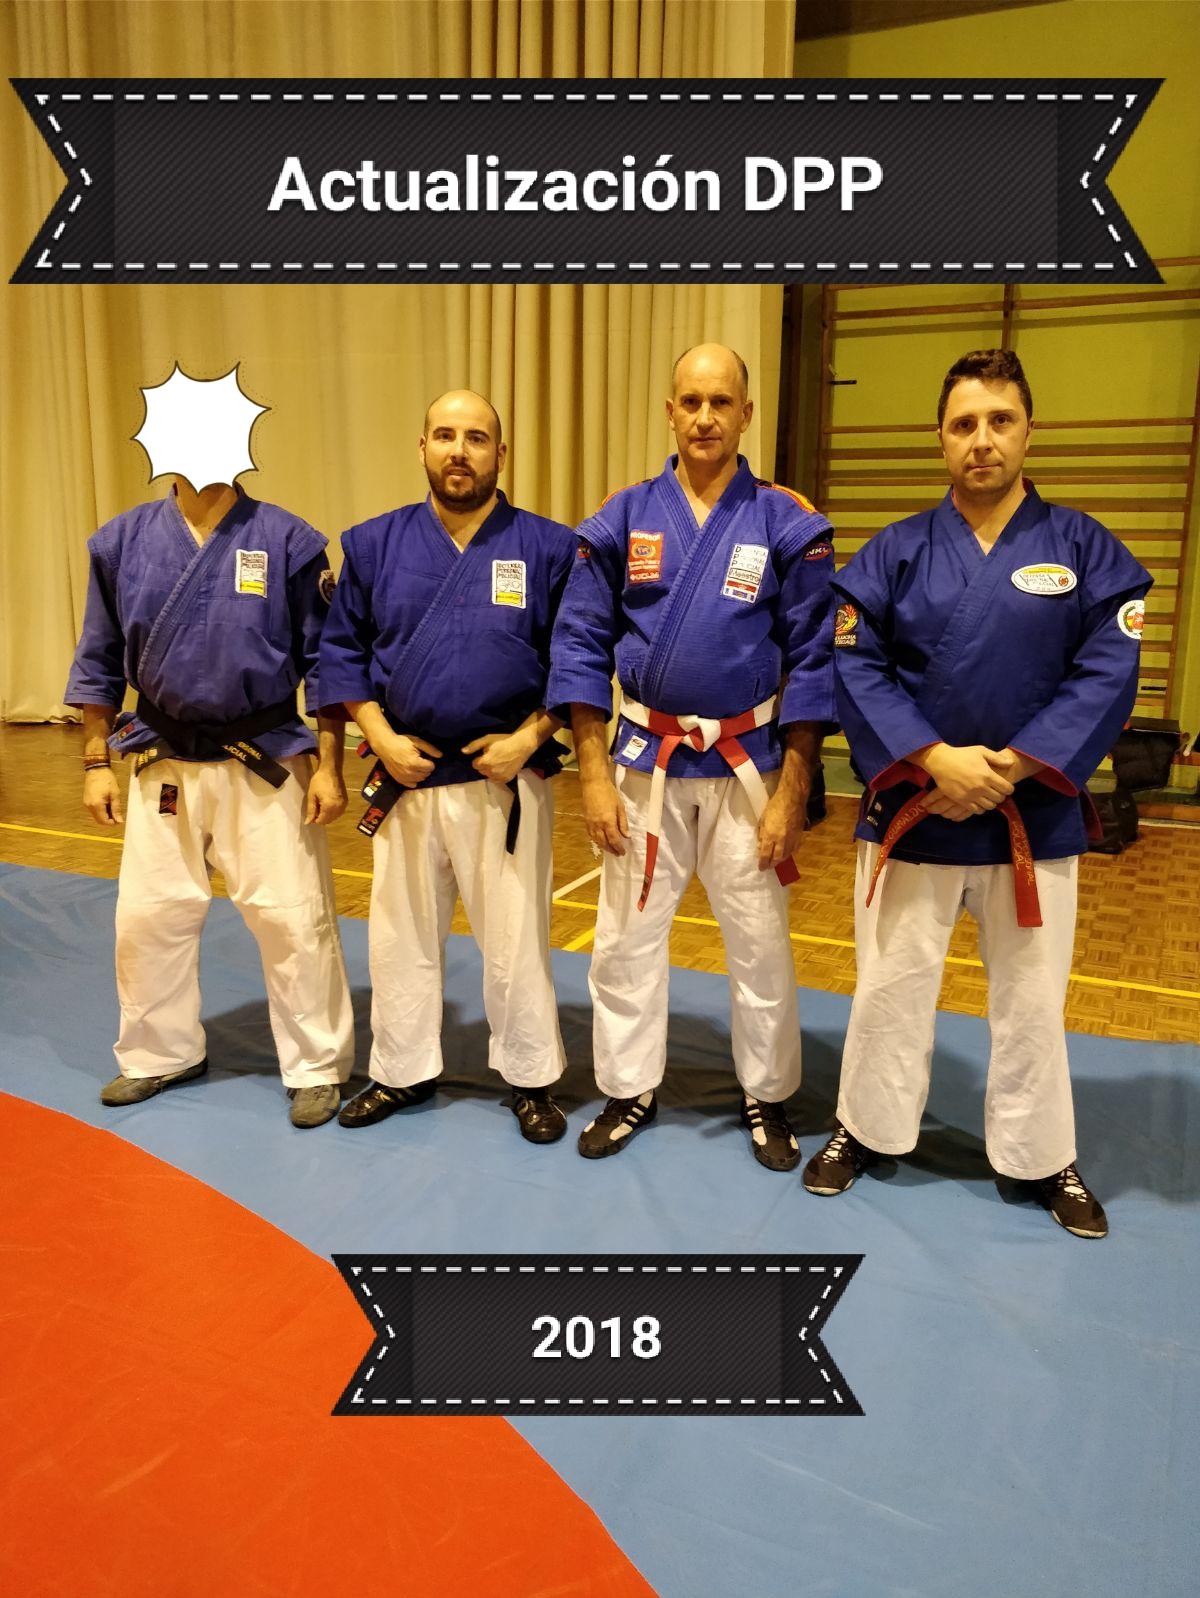 Salamanca DPP feb 2018